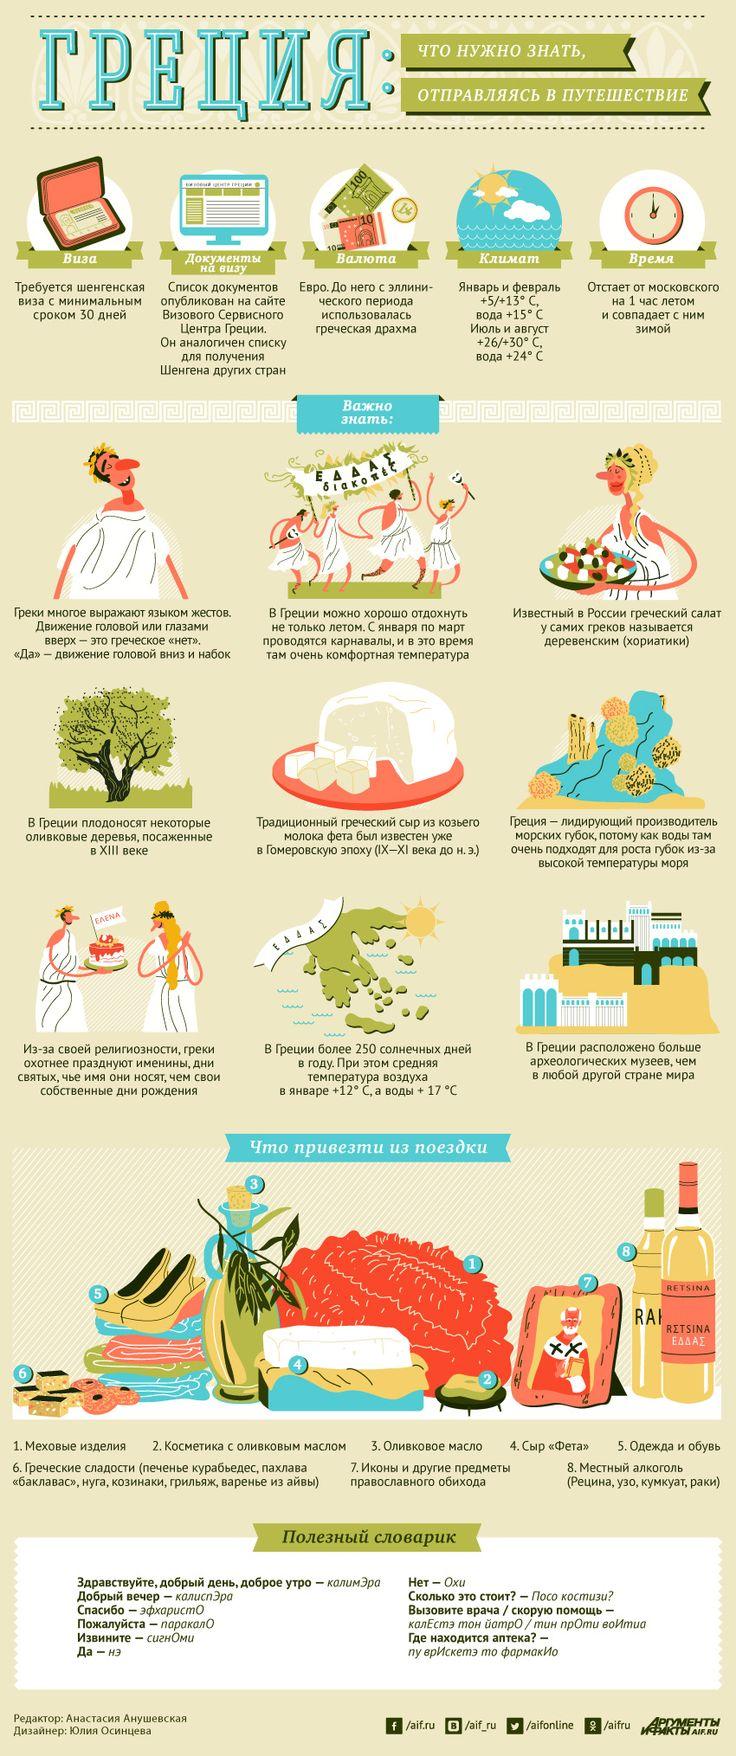 Греция: что нужно знать, отправляясь в путешествие. Инфографика | Инфографика | Вопрос-Ответ | Аргументы и Факты